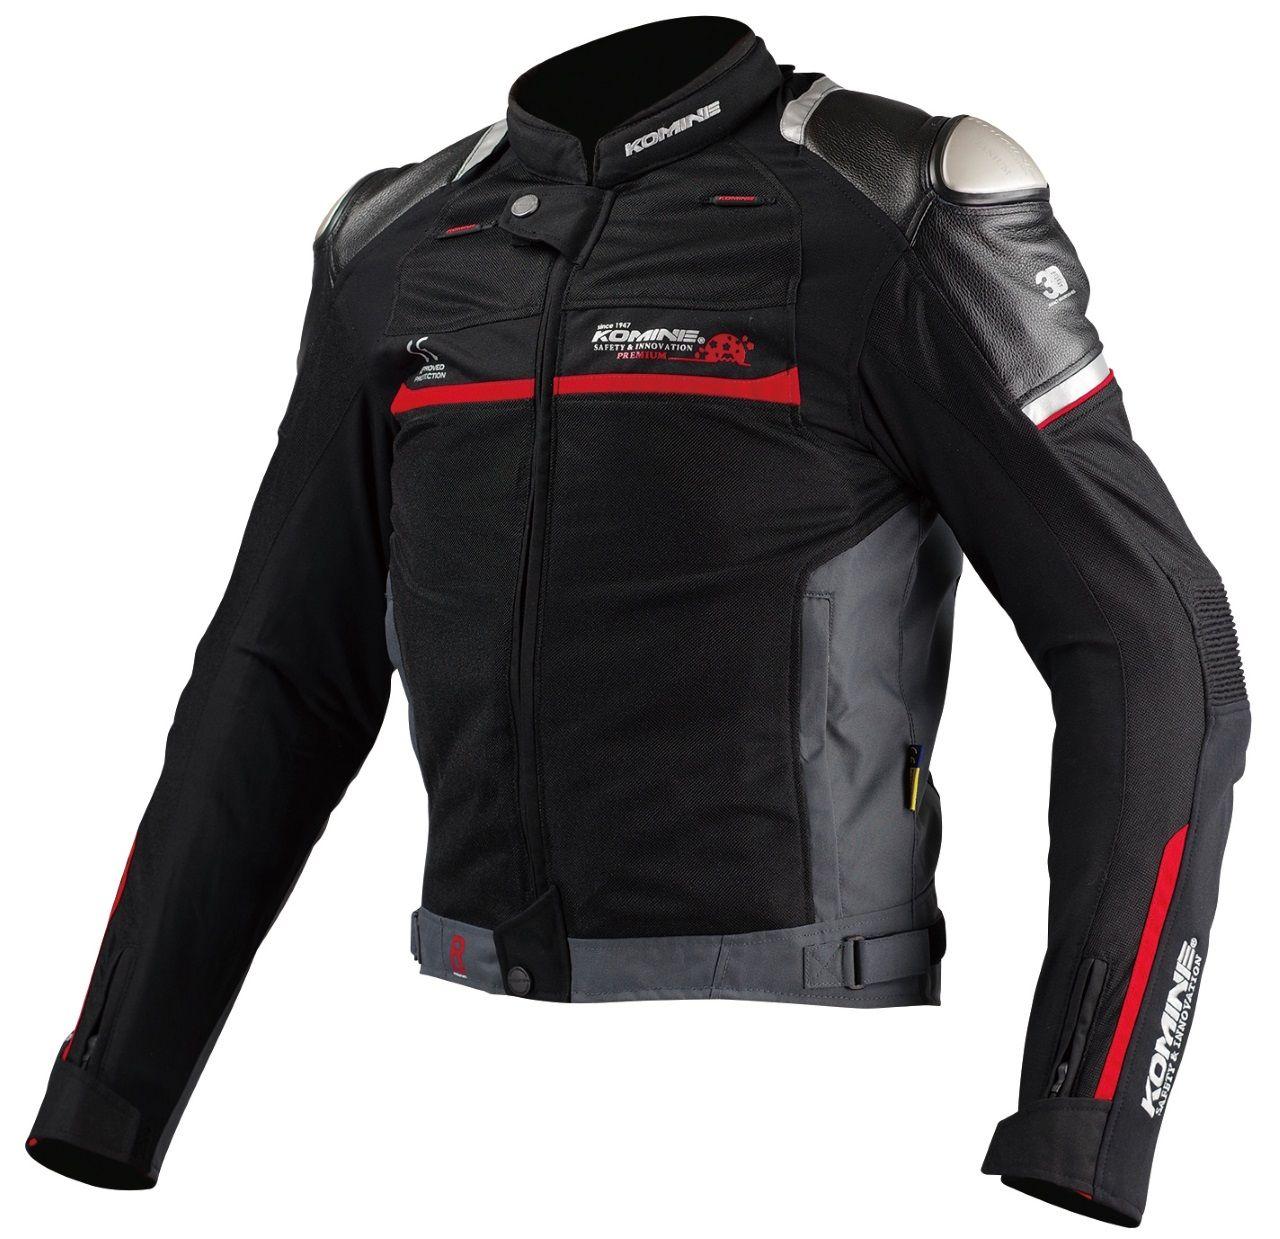 JJ-001 Titanium Mesh Jacket